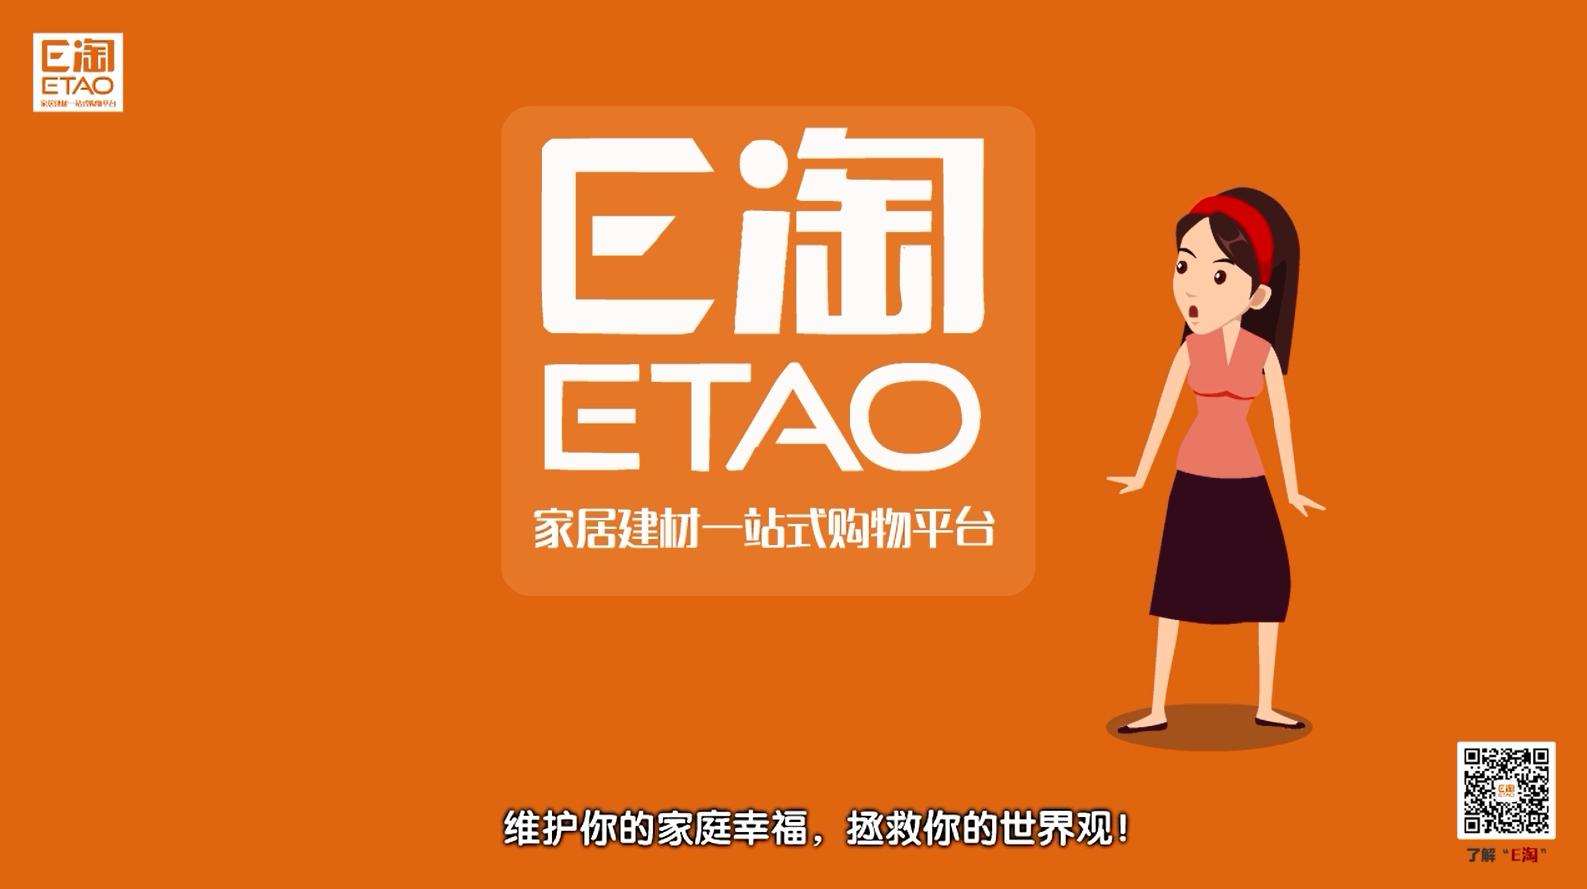 2017年E淘宣传视频下载